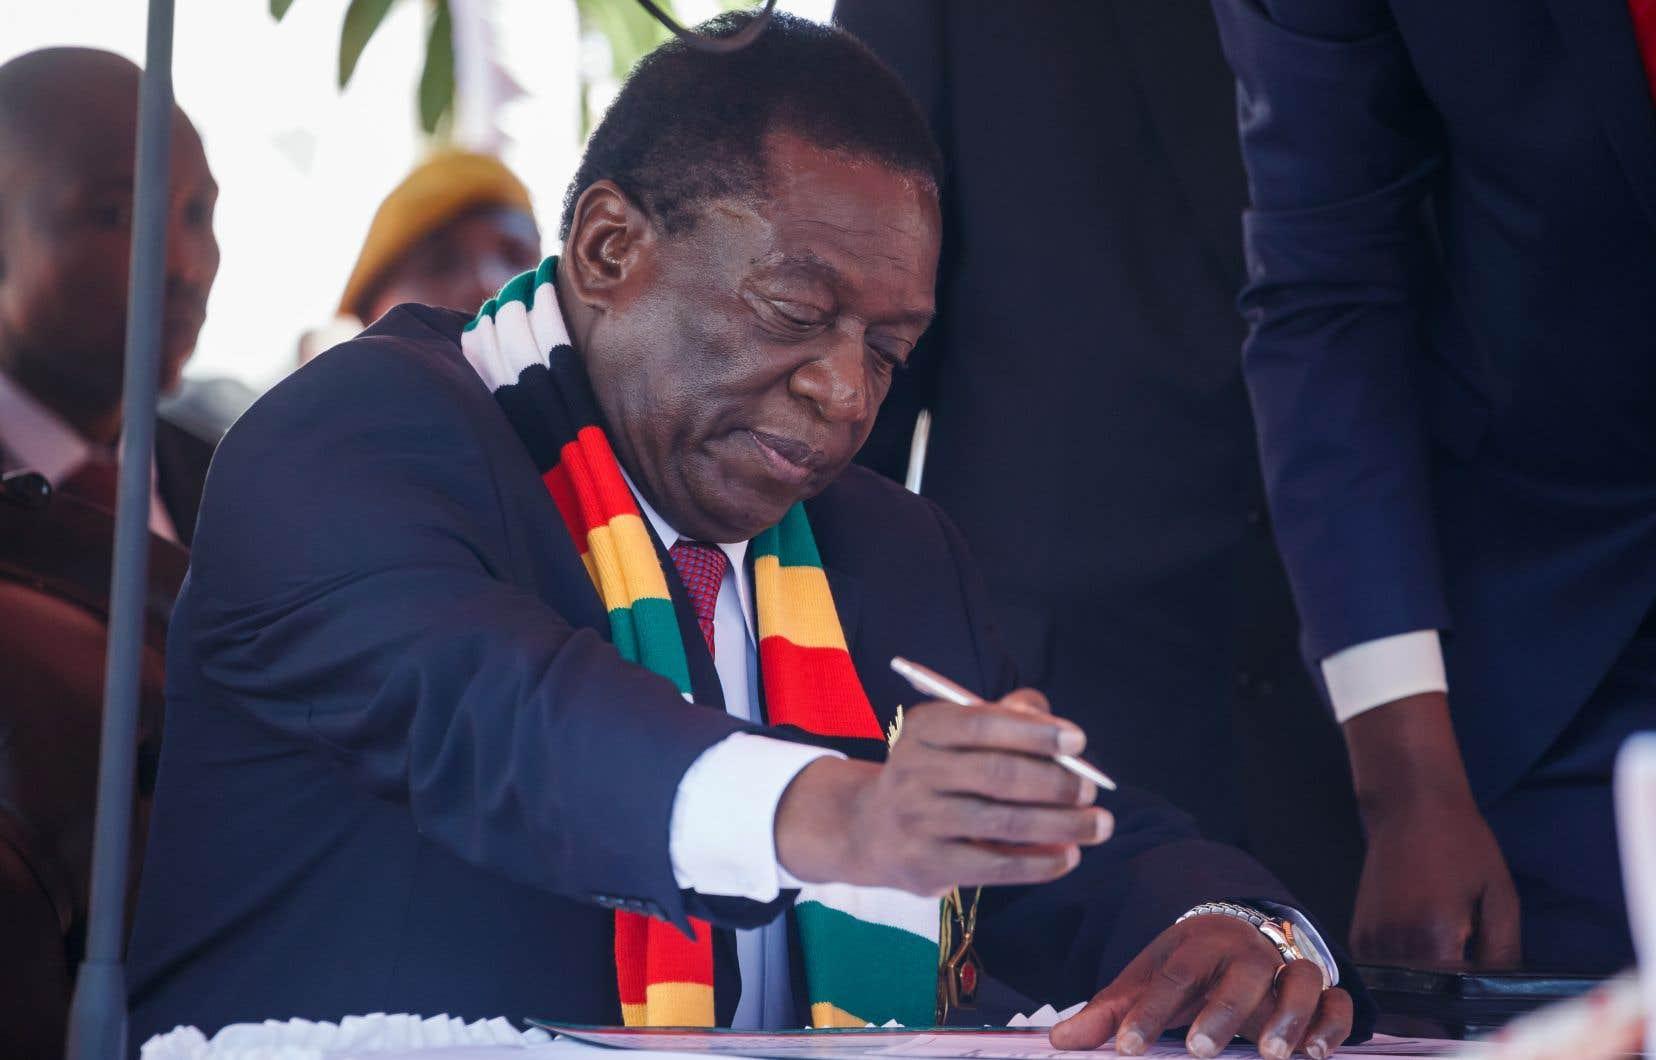 Le président zimbabwéen, Emmerson Mnangagwa, signe des documents après avoir prêté serment à Harare, le 26 août 2018.